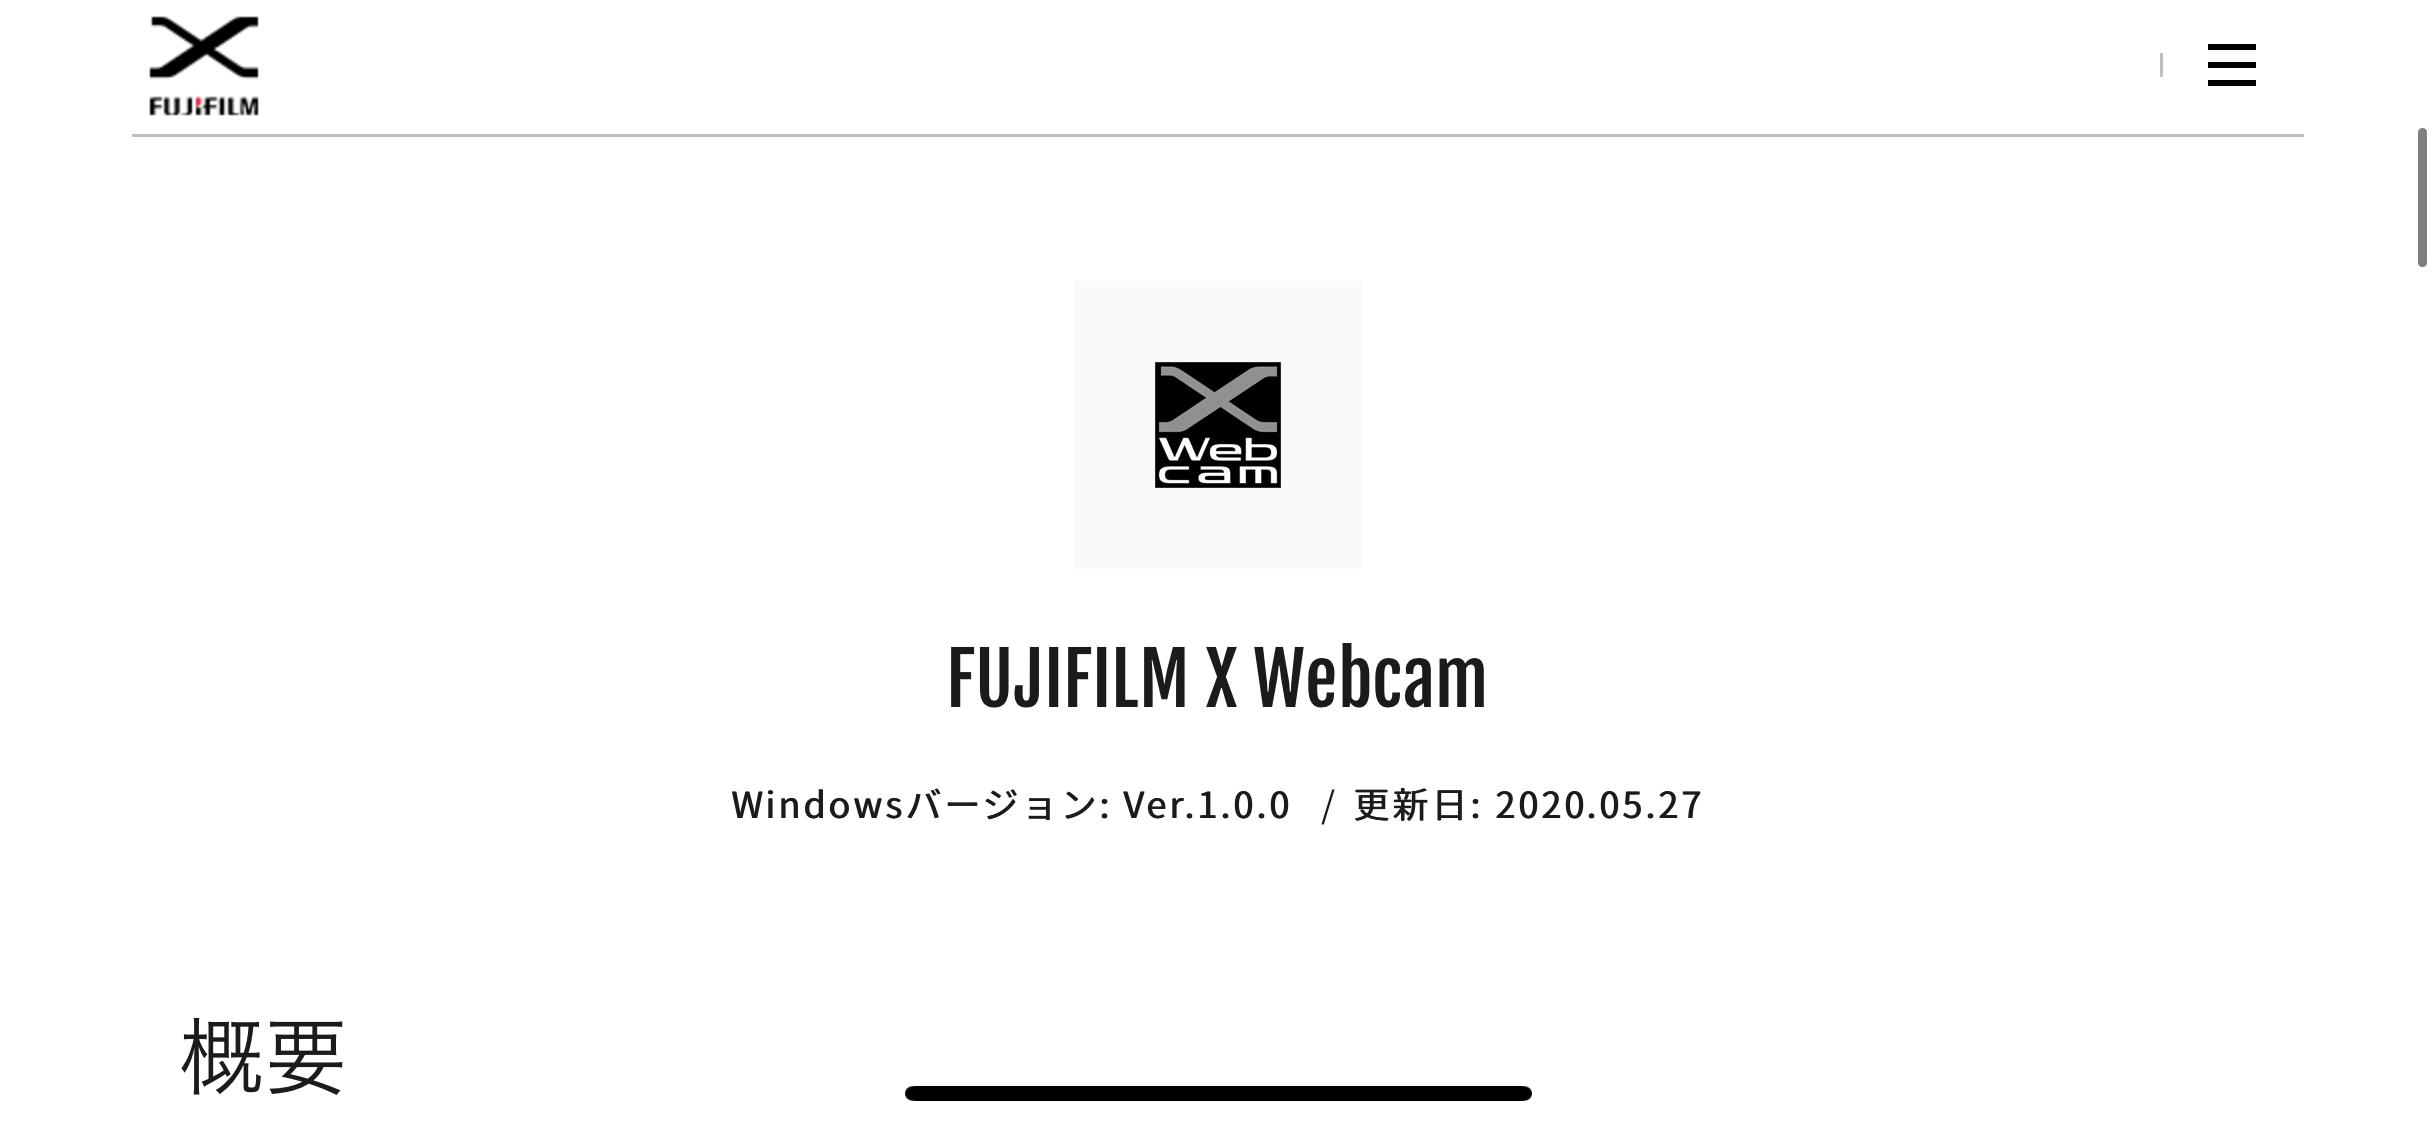 富士フイルム ミラーレスカメラ。WEBカム化「FUJIFILM X Webcam」を発表!フィルムシミュレーションも対応。